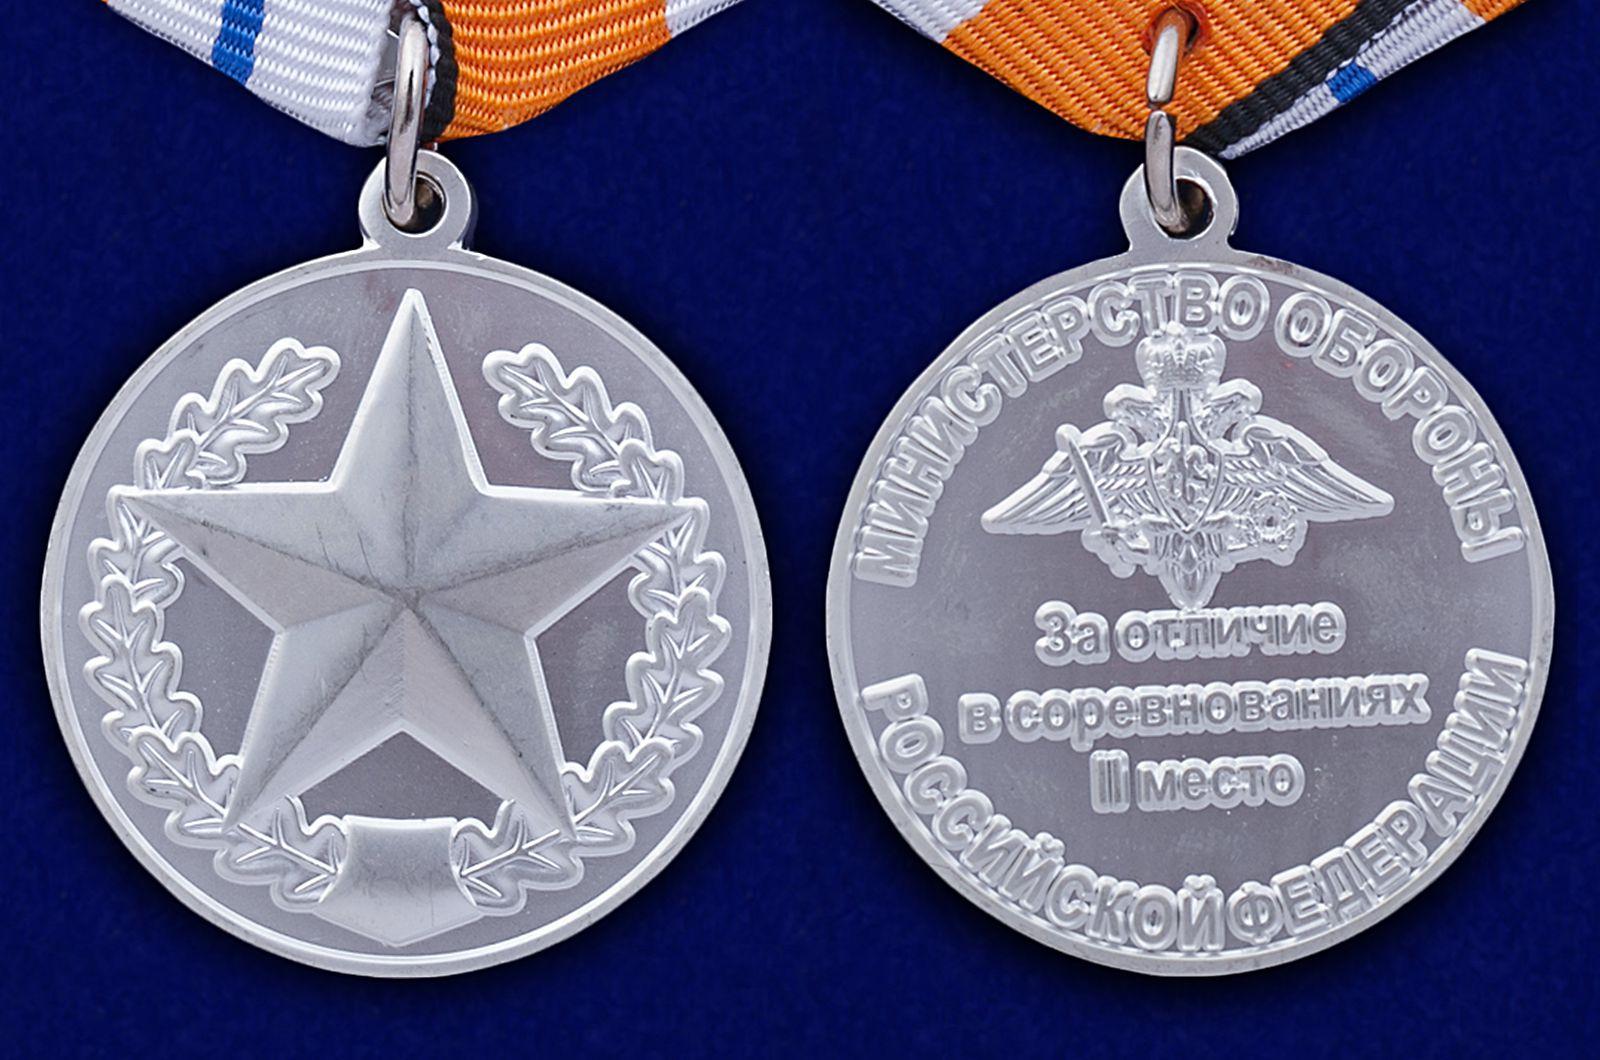 """Медаль """"За отличие в соревнованиях"""" МО РФ (2 место) для награждения достойных"""